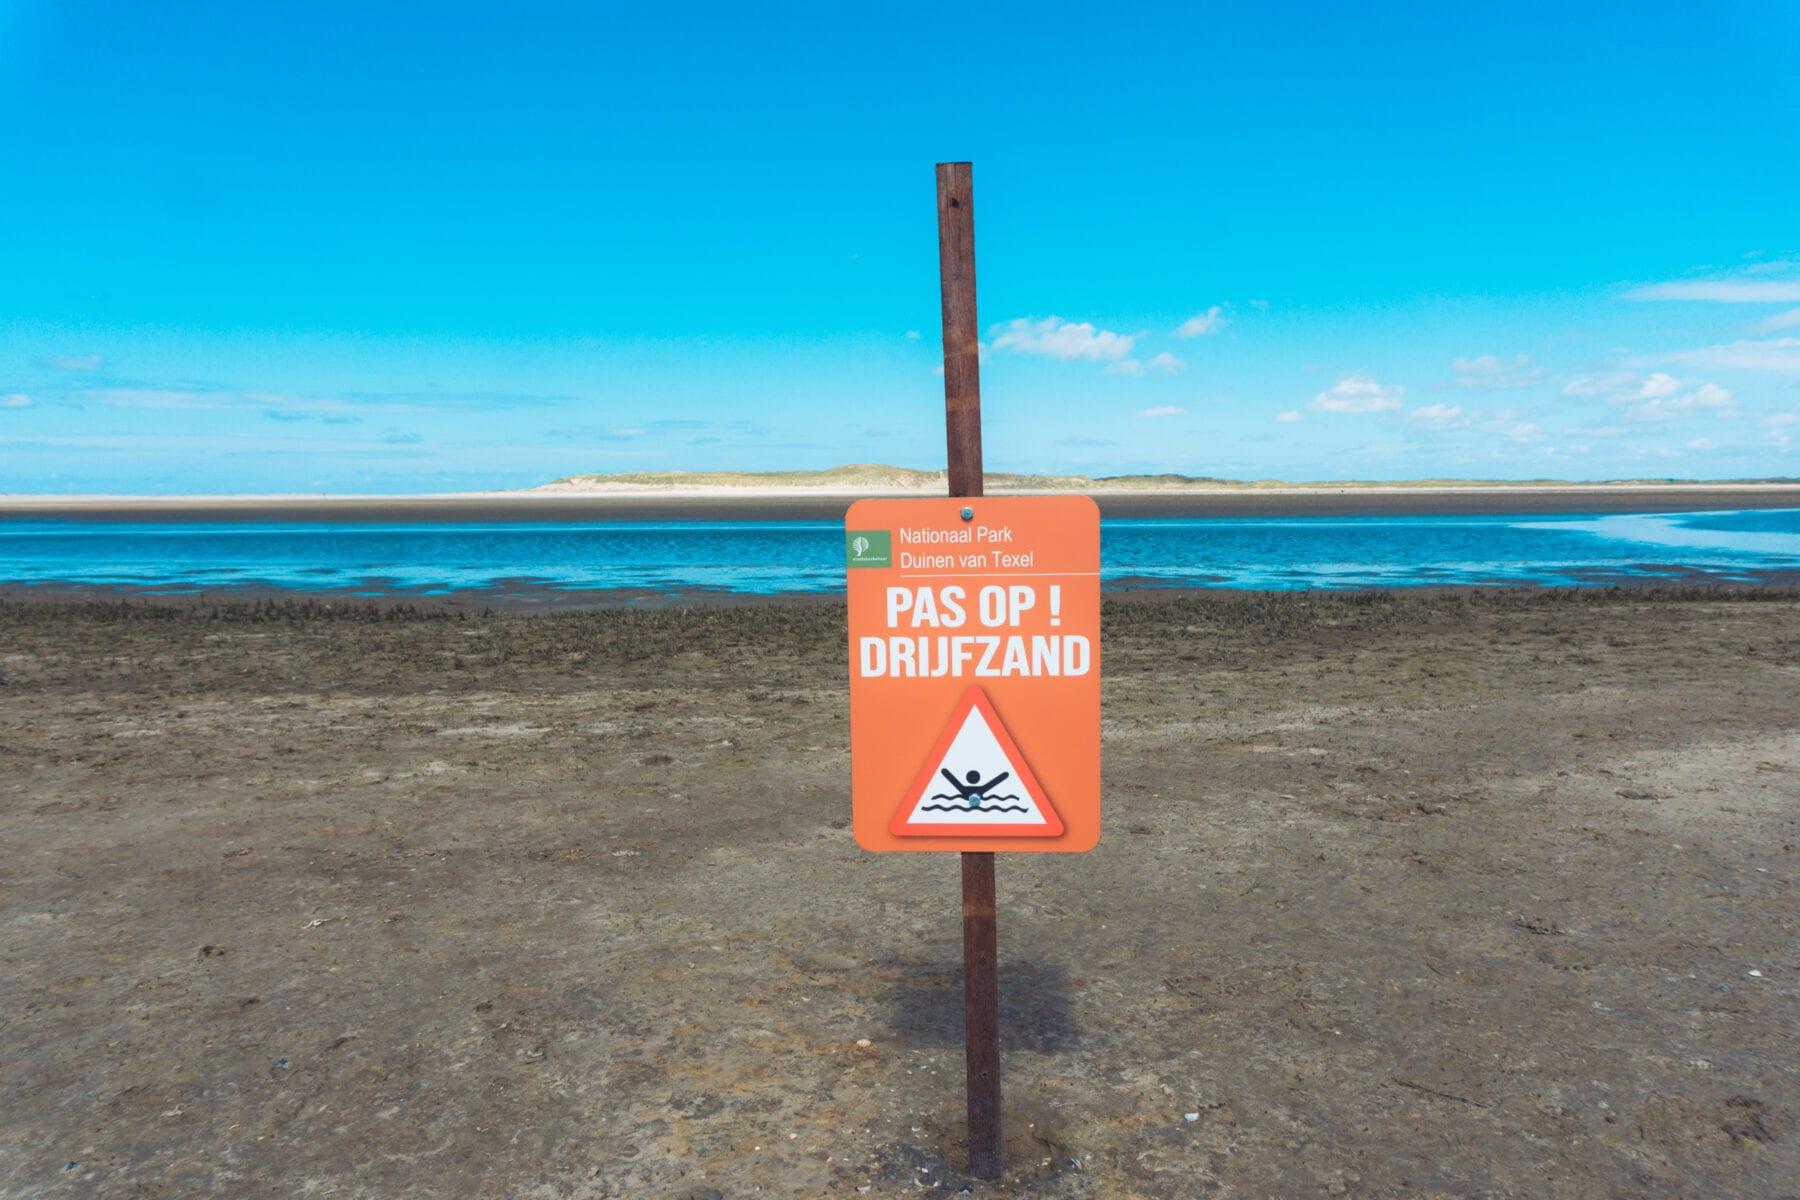 Verboden toegang gevaarlijk terrein